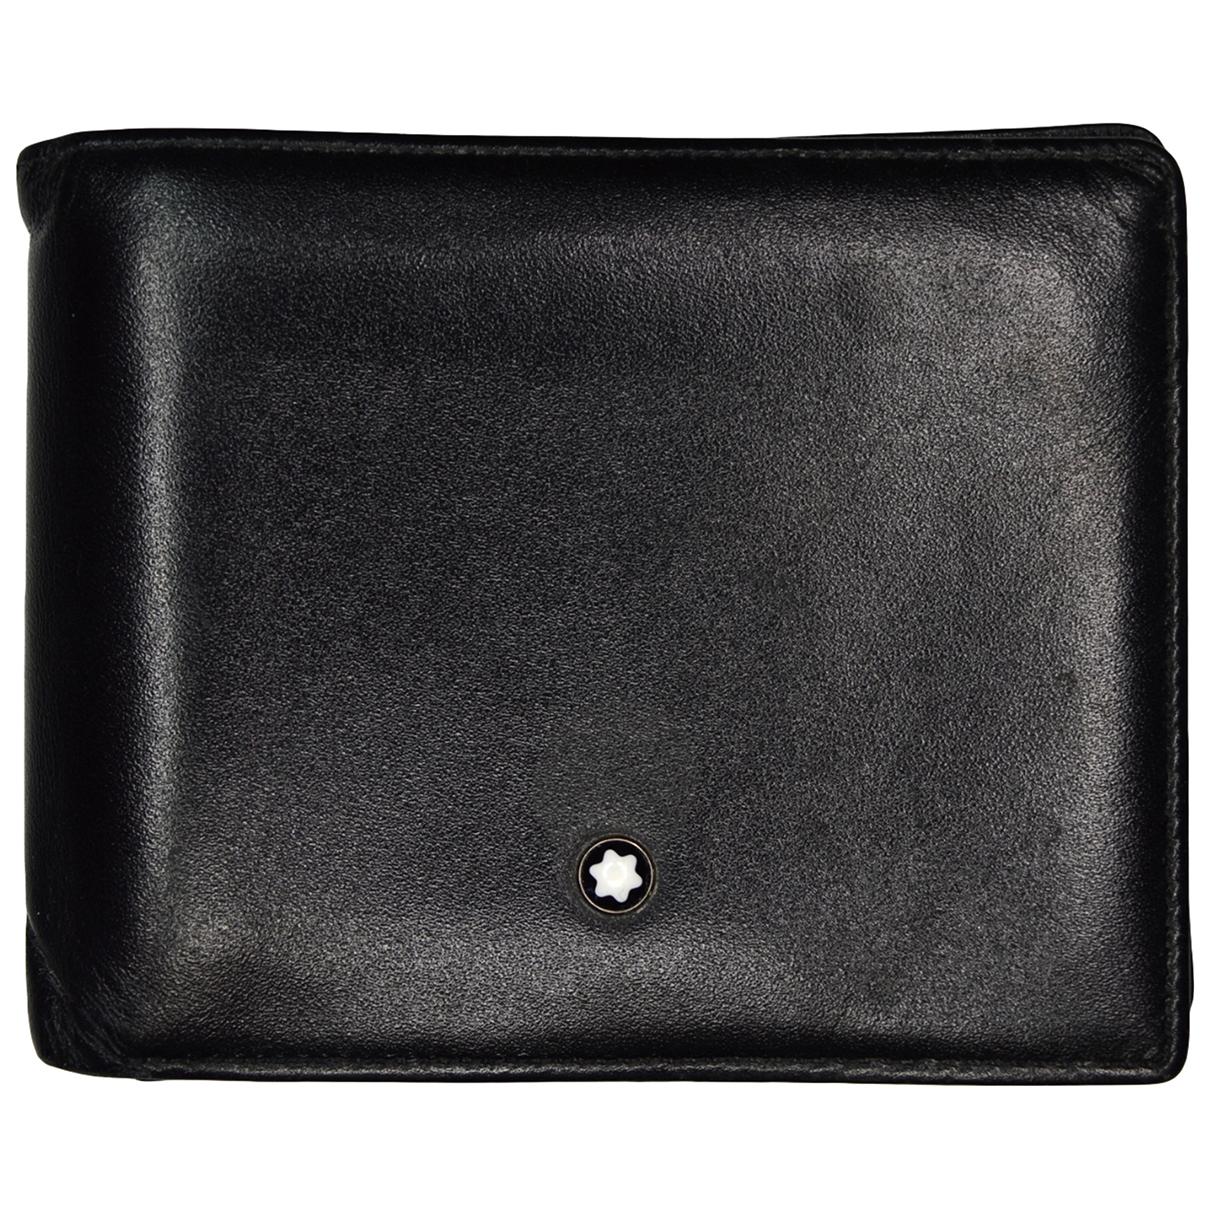 Montblanc \N Kleinlederwaren in  Schwarz Leder